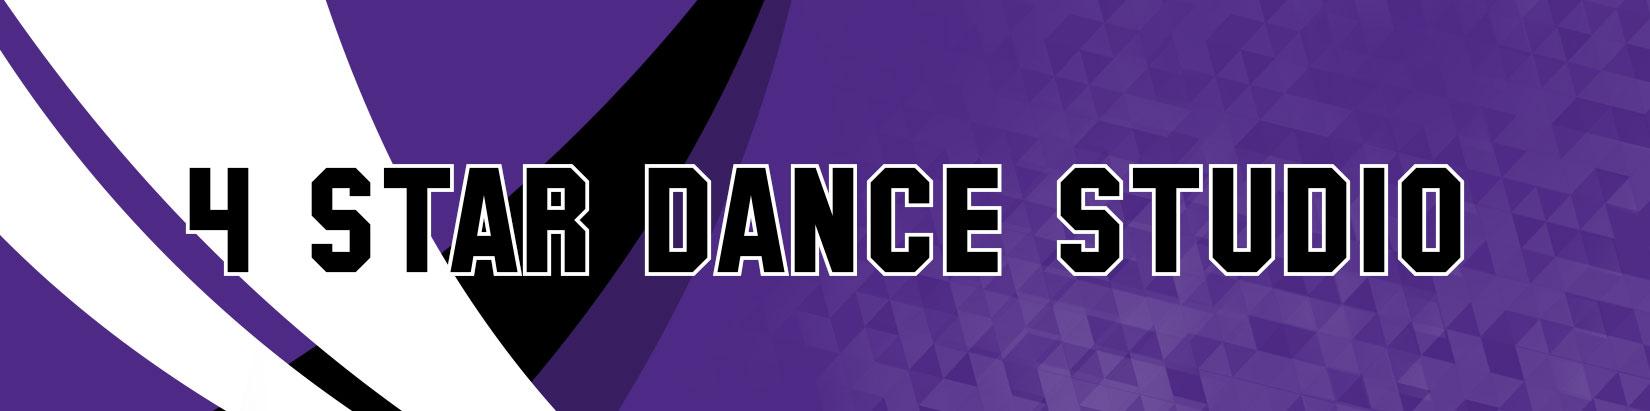 4 Star Dance Studio